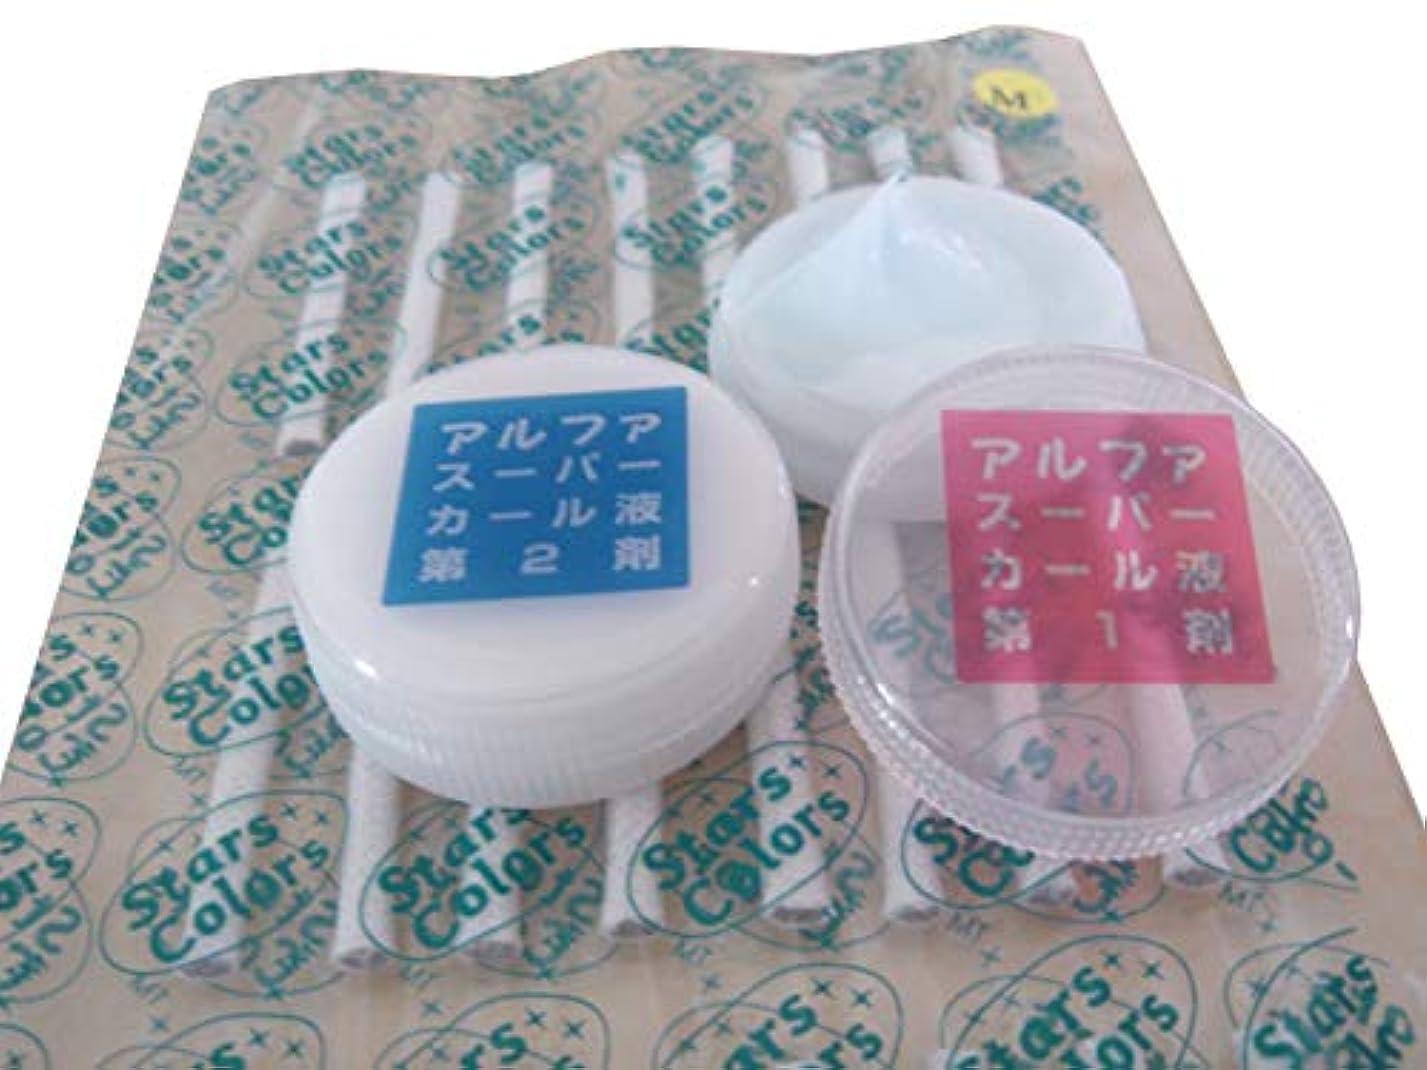 溶ける始めるマージン★時間短縮!付けまつげ用まつげパーマ液&粘着ロット32本セット (M)